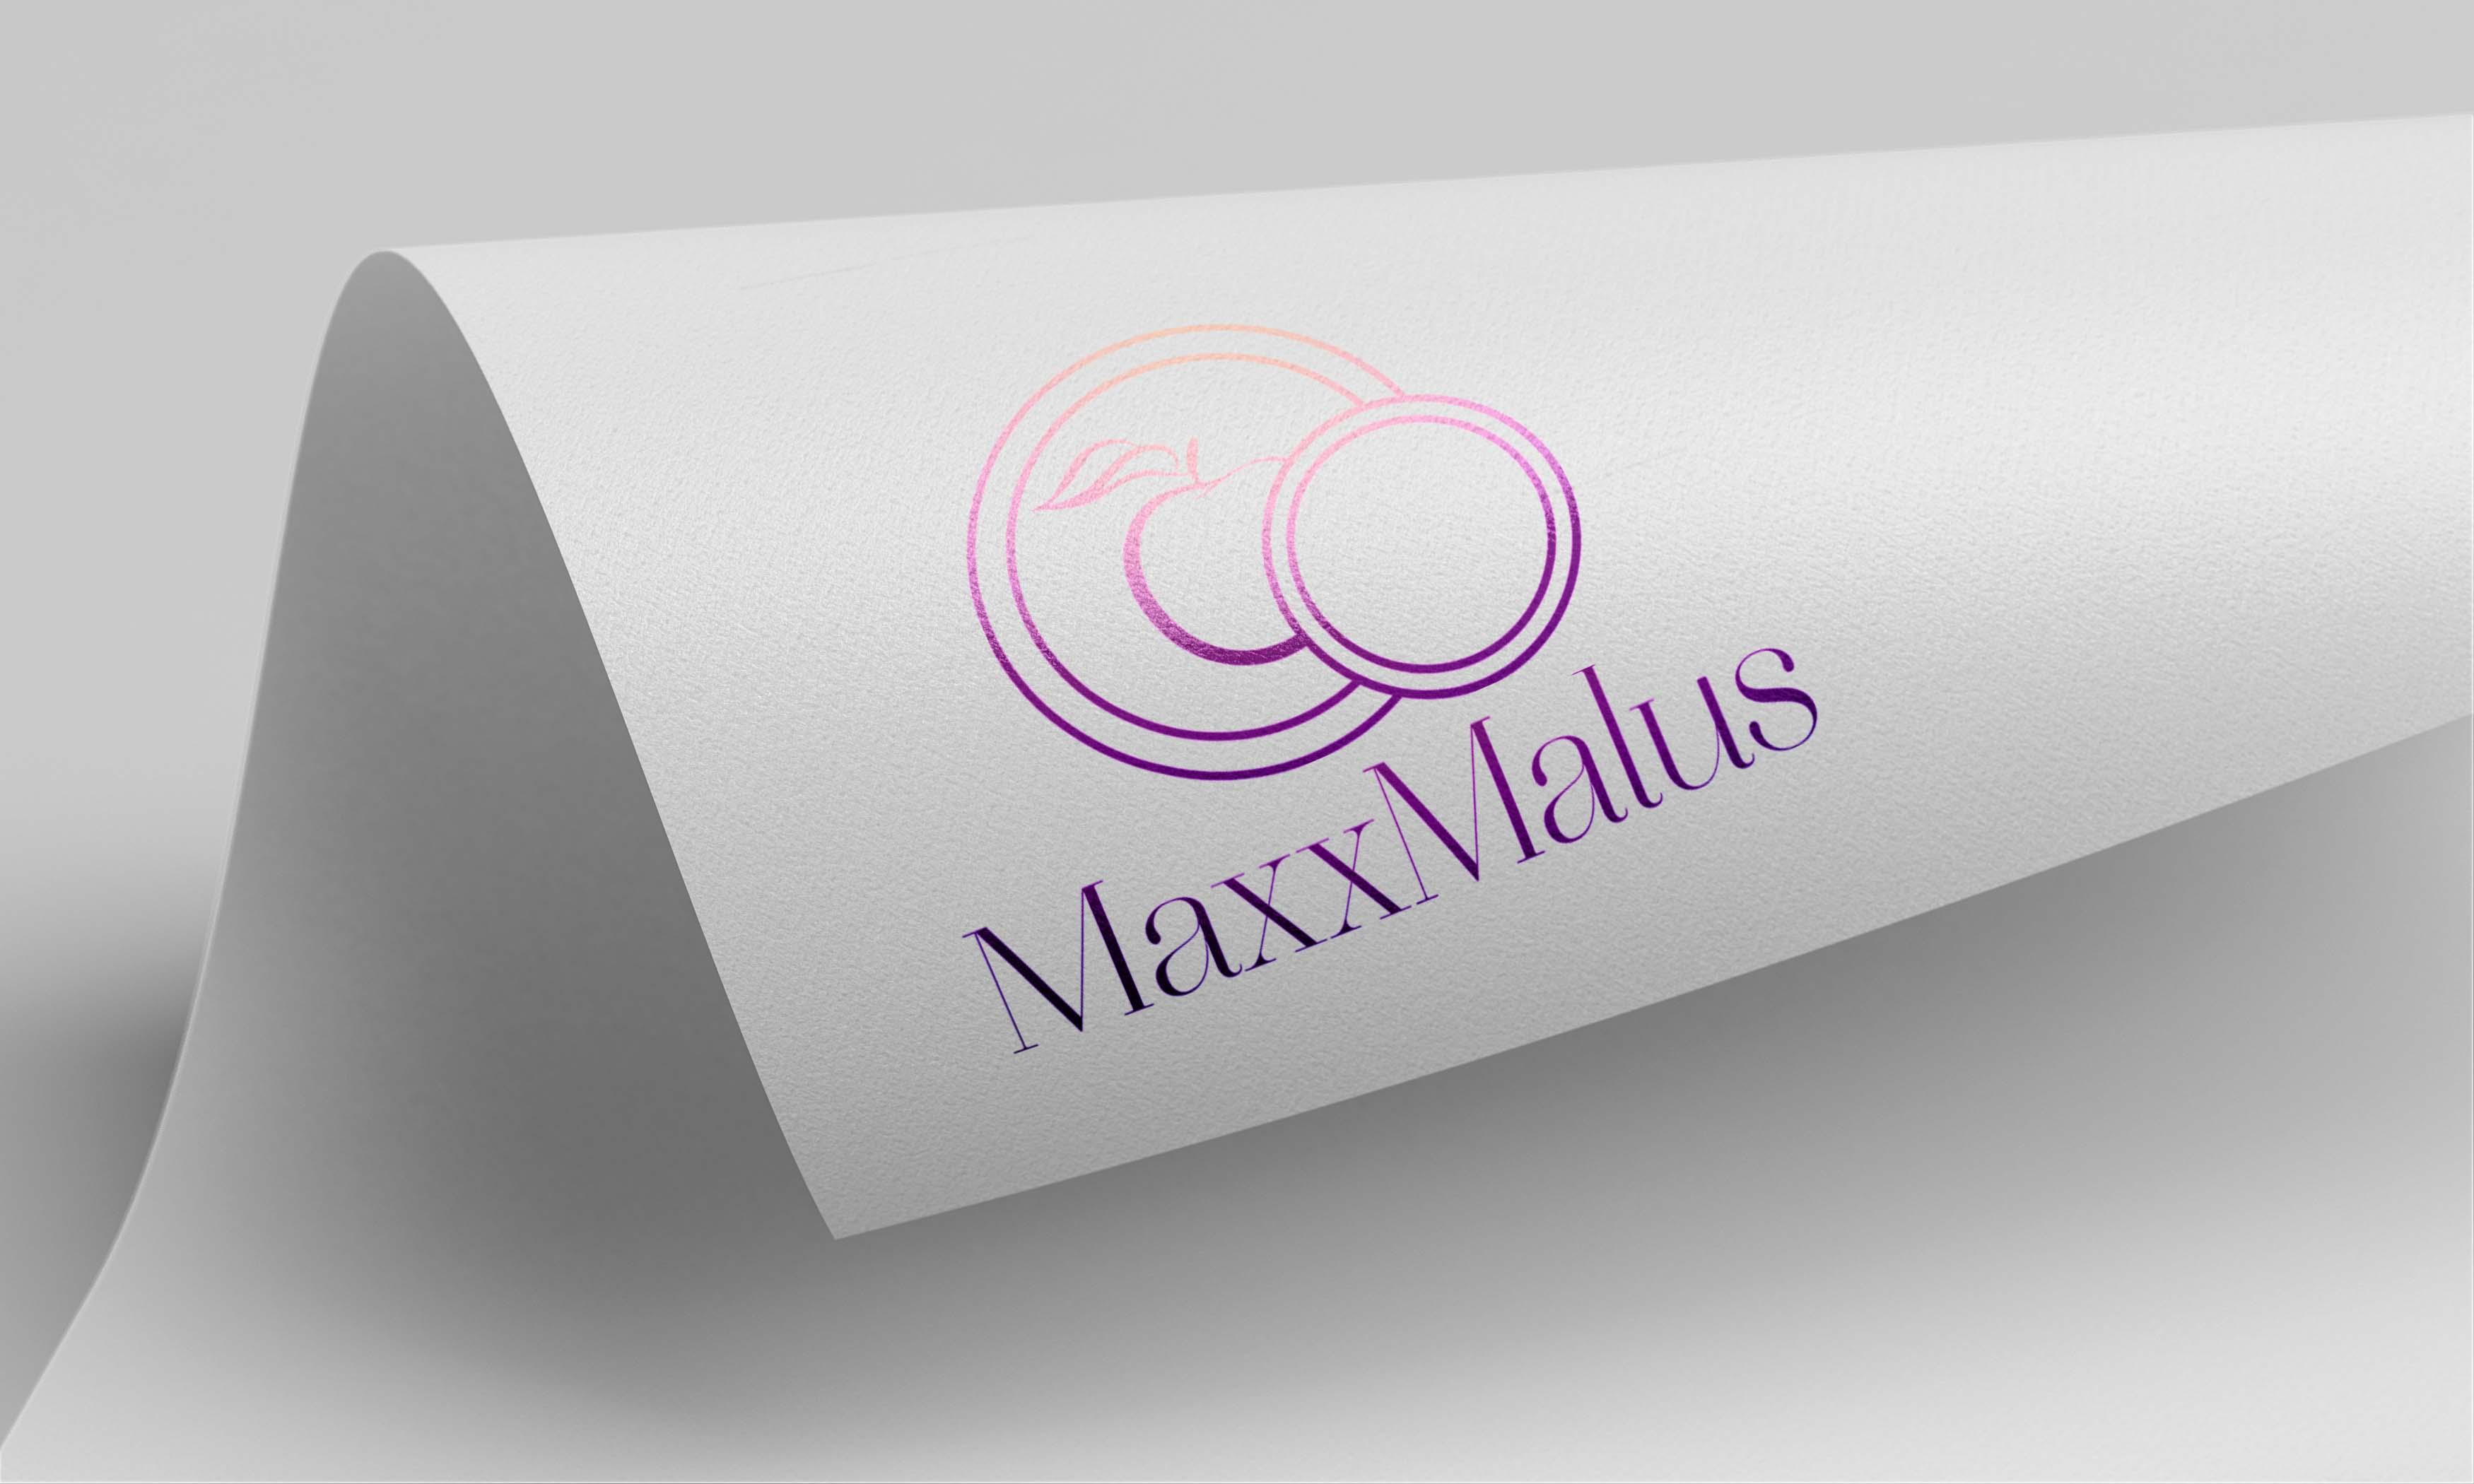 Логотип для нового бренда повседневной посуды фото f_0565b983ea06ab87.jpg